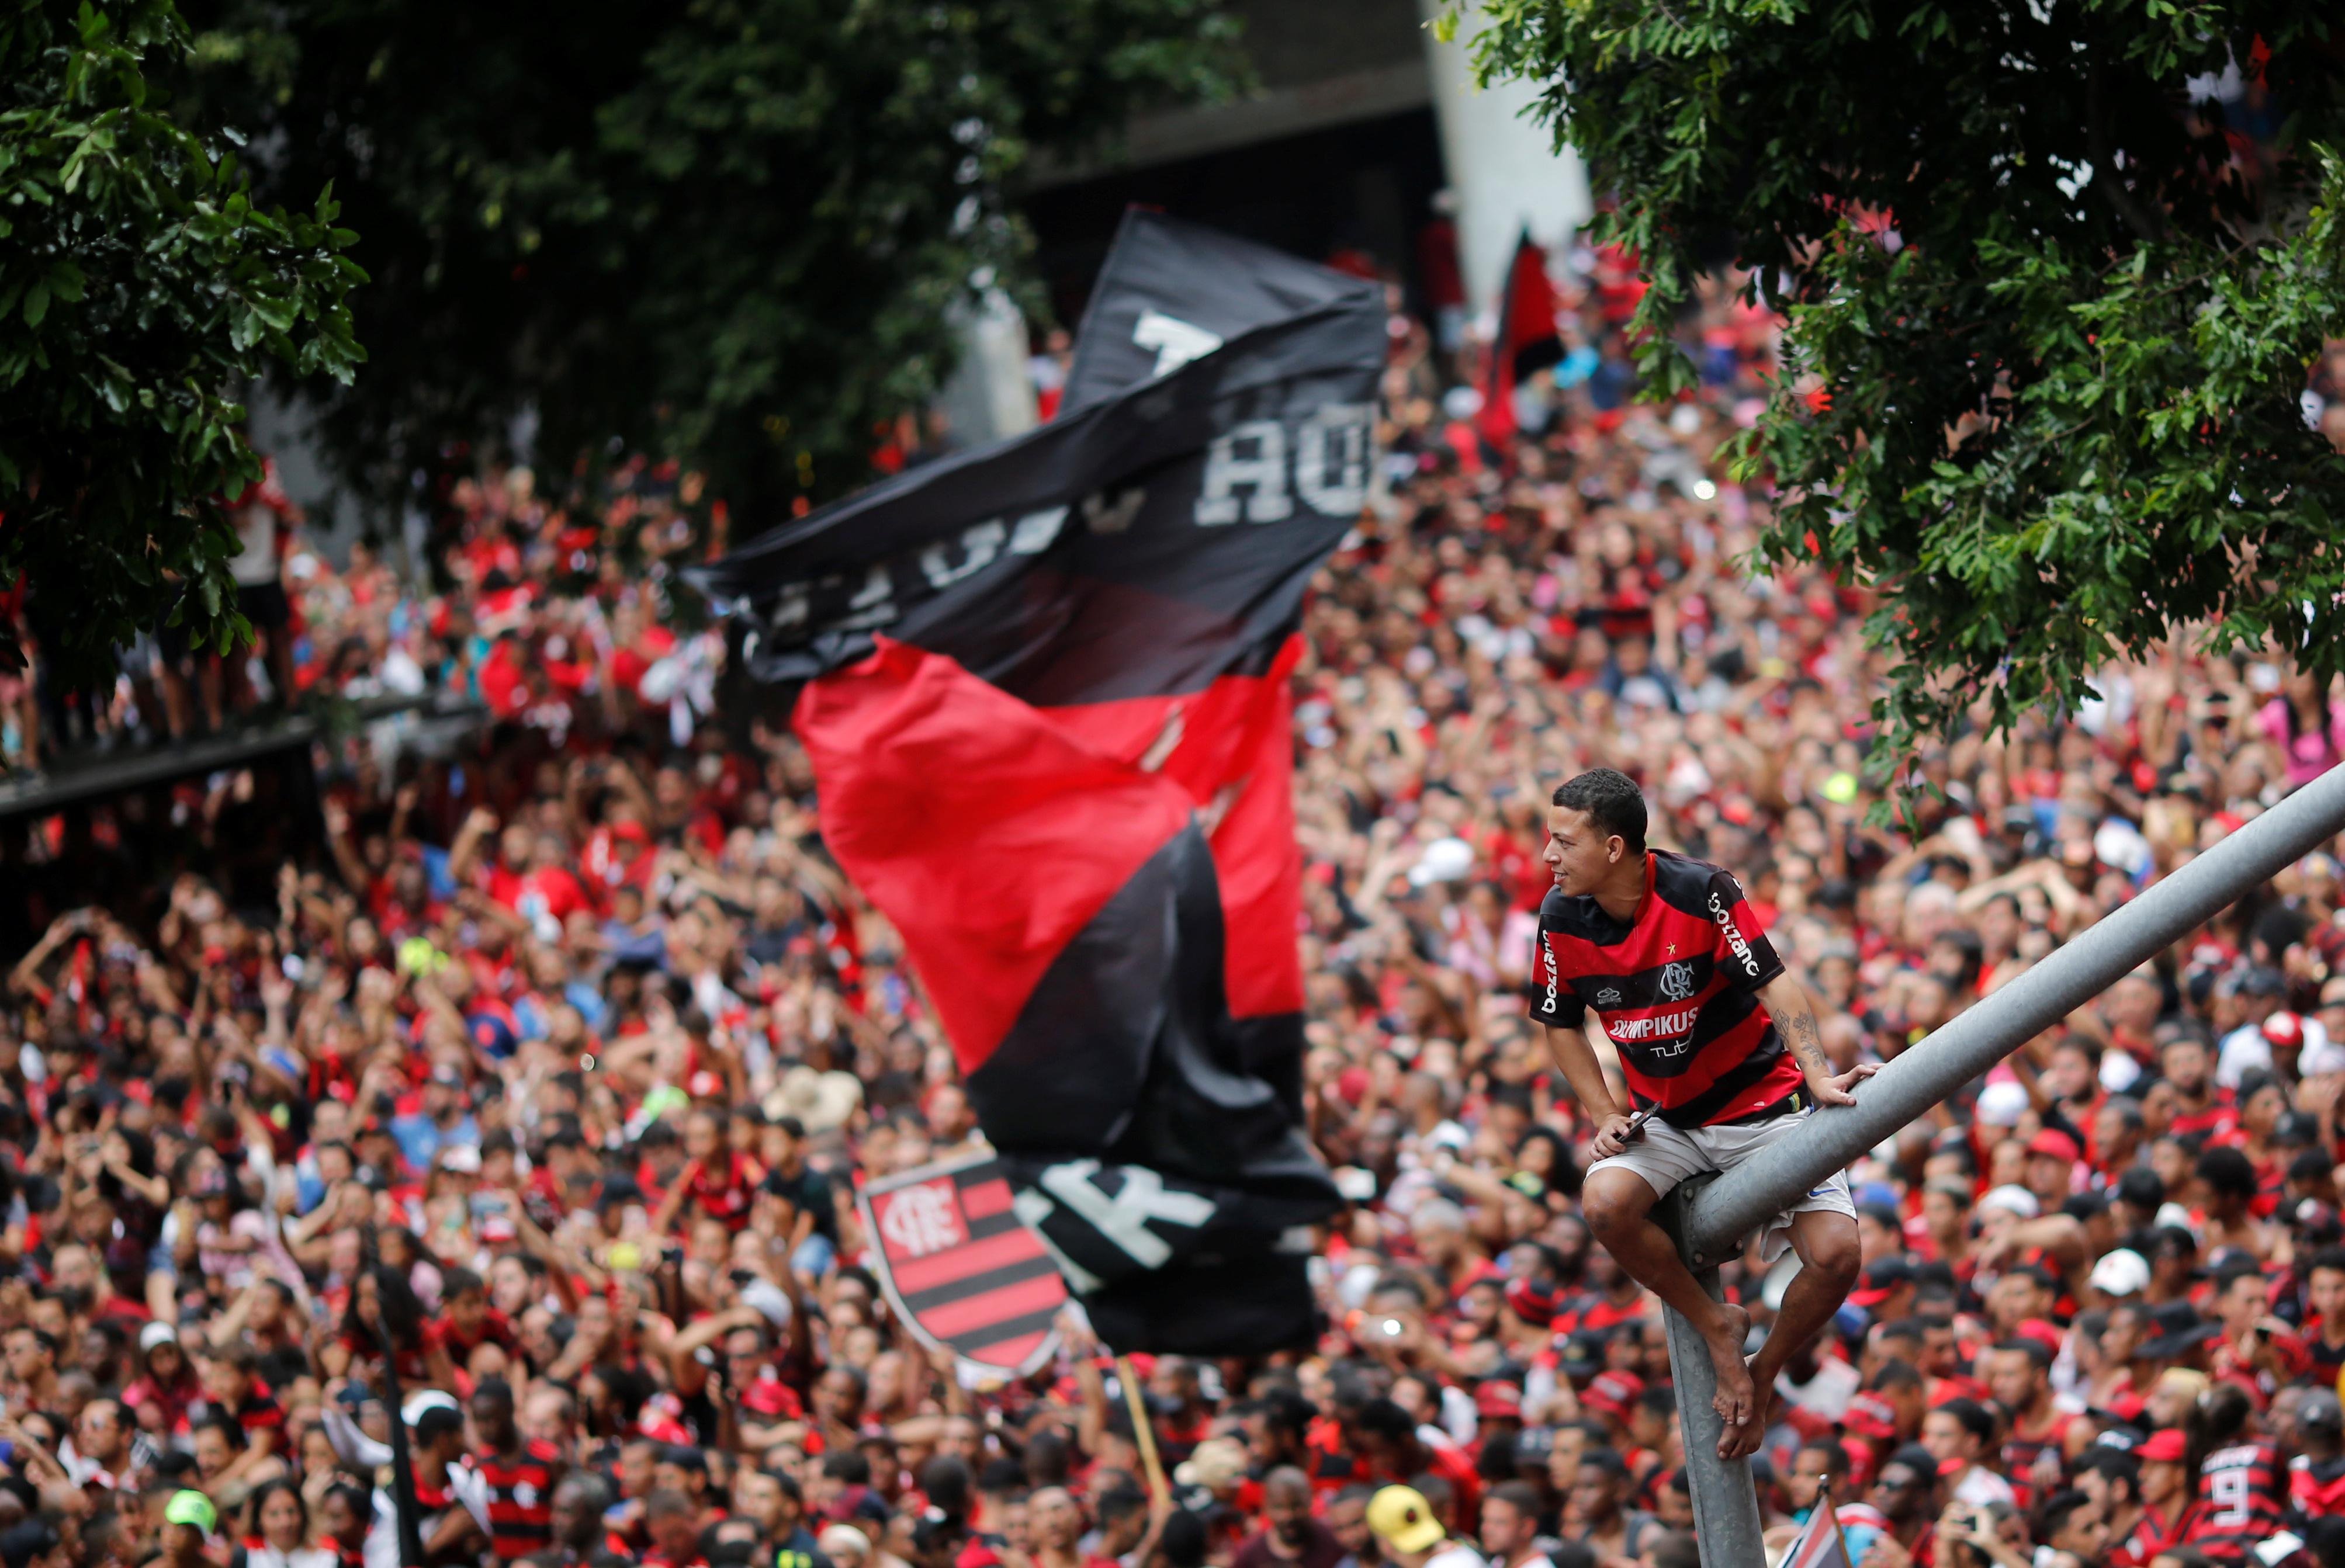 Las calles cariocas se vieron colmadas de aficionados